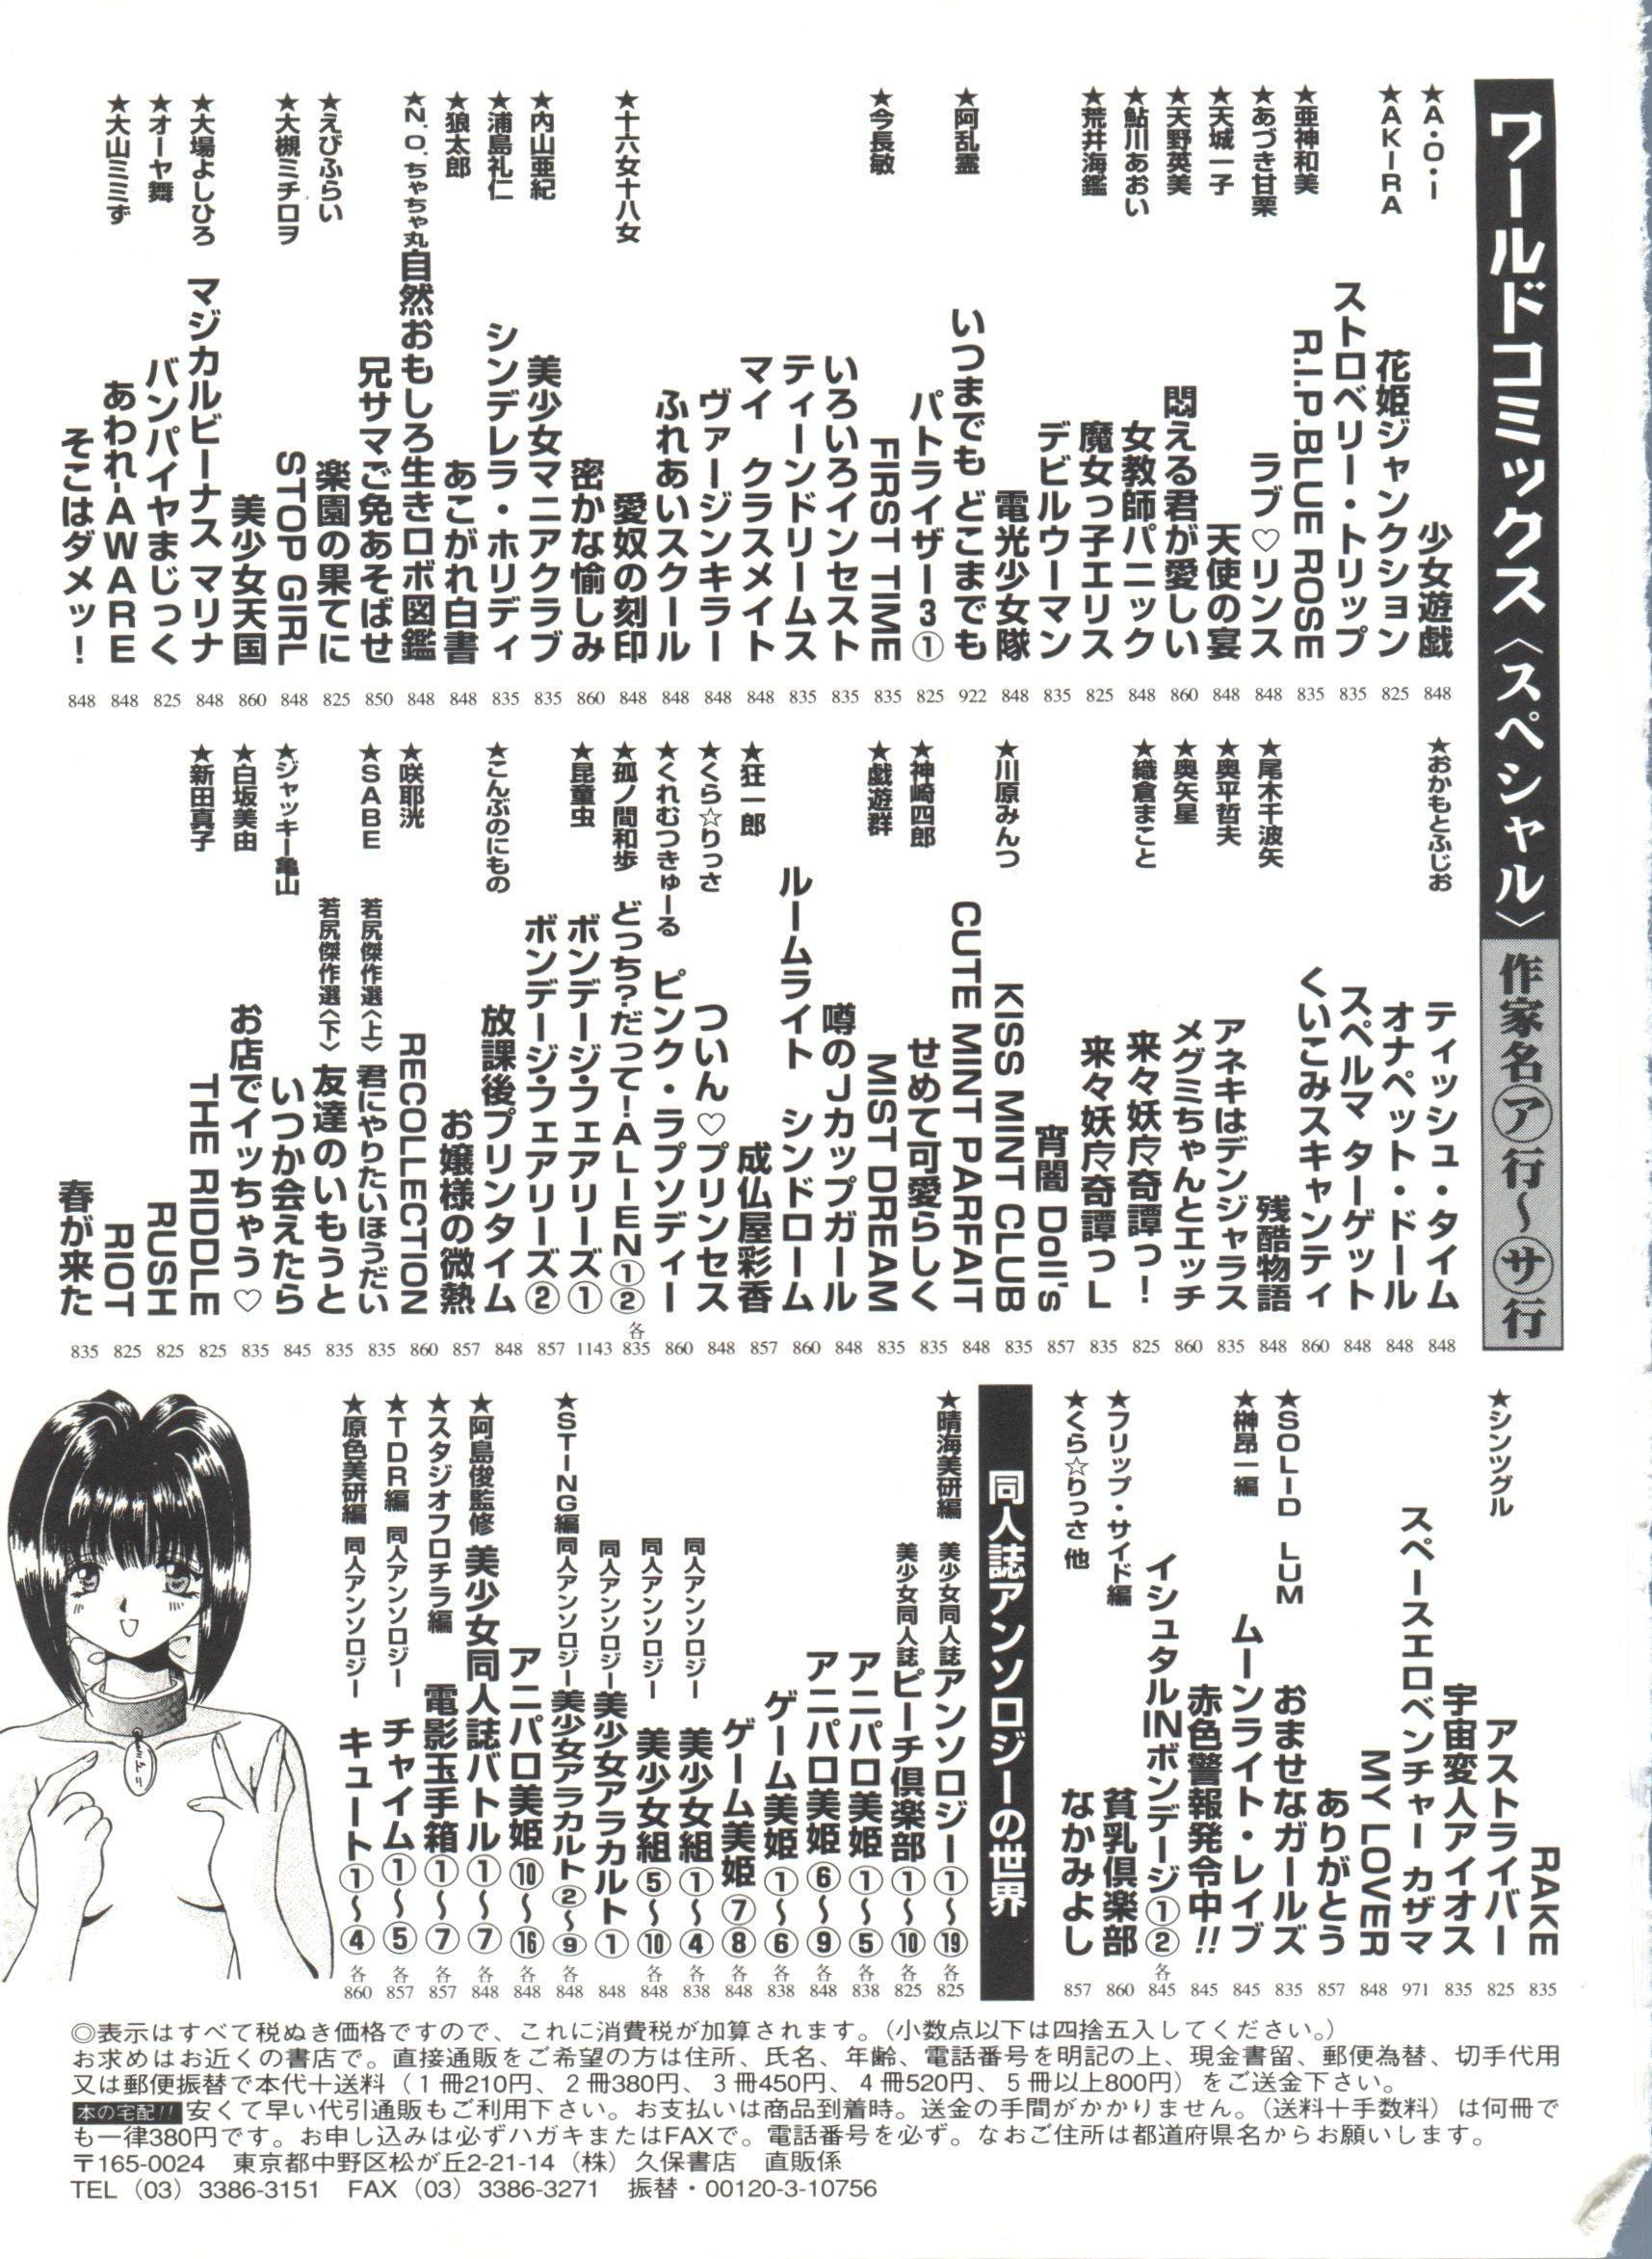 Bishoujo Doujinshi Anthology Cute 5 143